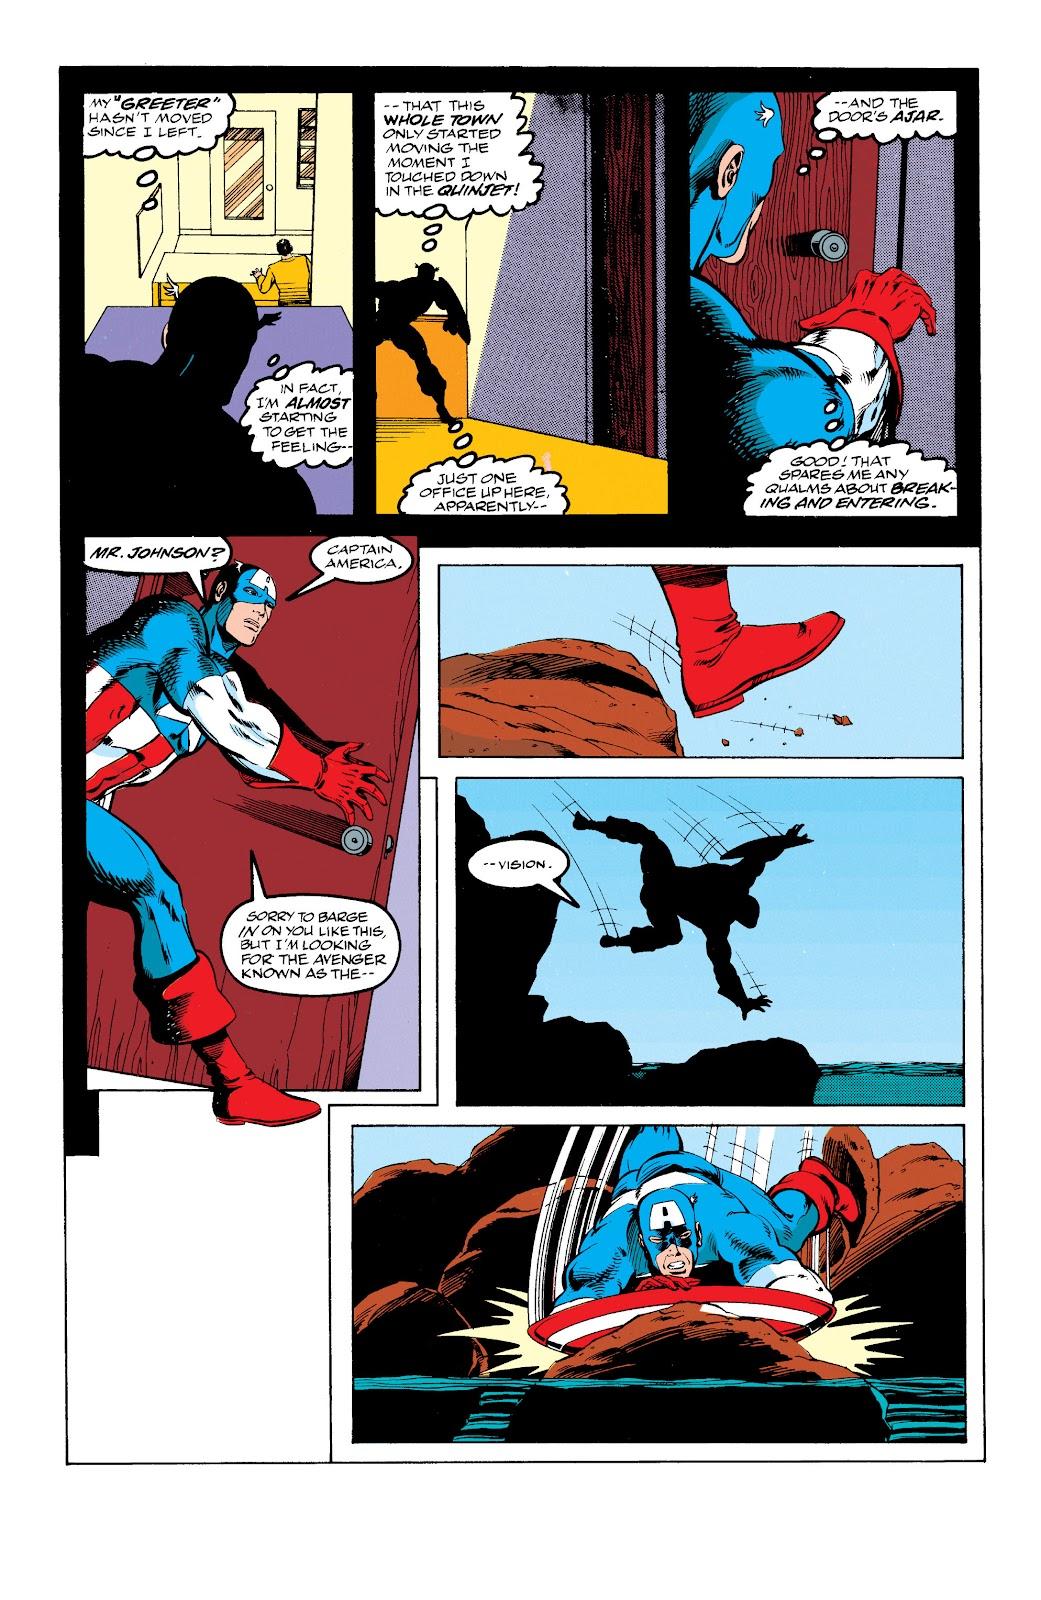 Read online Avengers: Citizen Kang comic -  Issue # TPB (Part 1) - 11